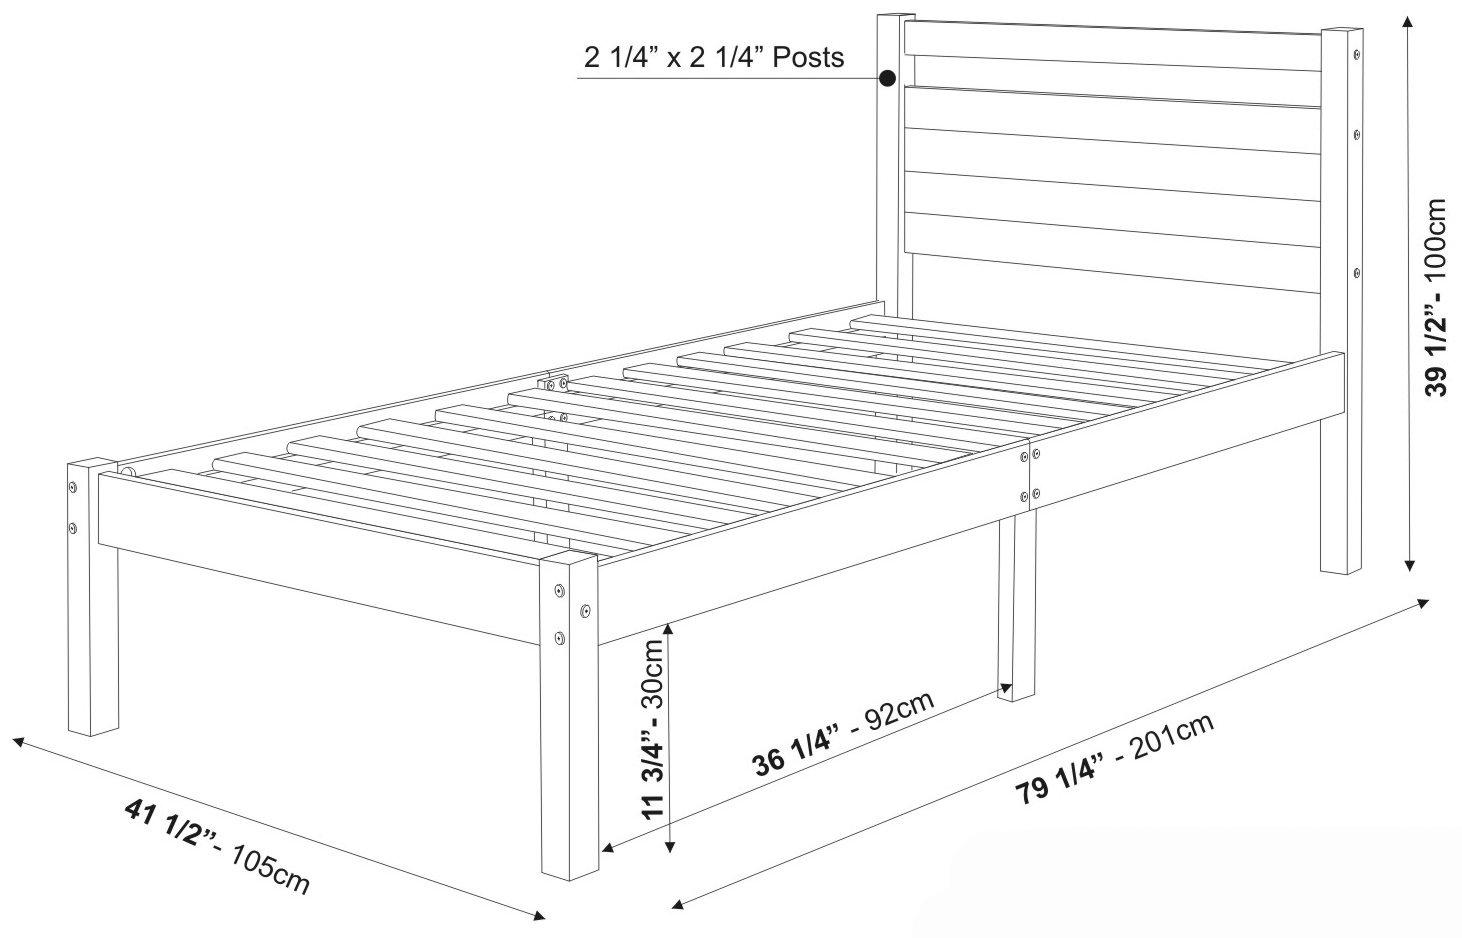 1462x938 Twin Mattress Dimensions Furniture Ideas Impressive Frames